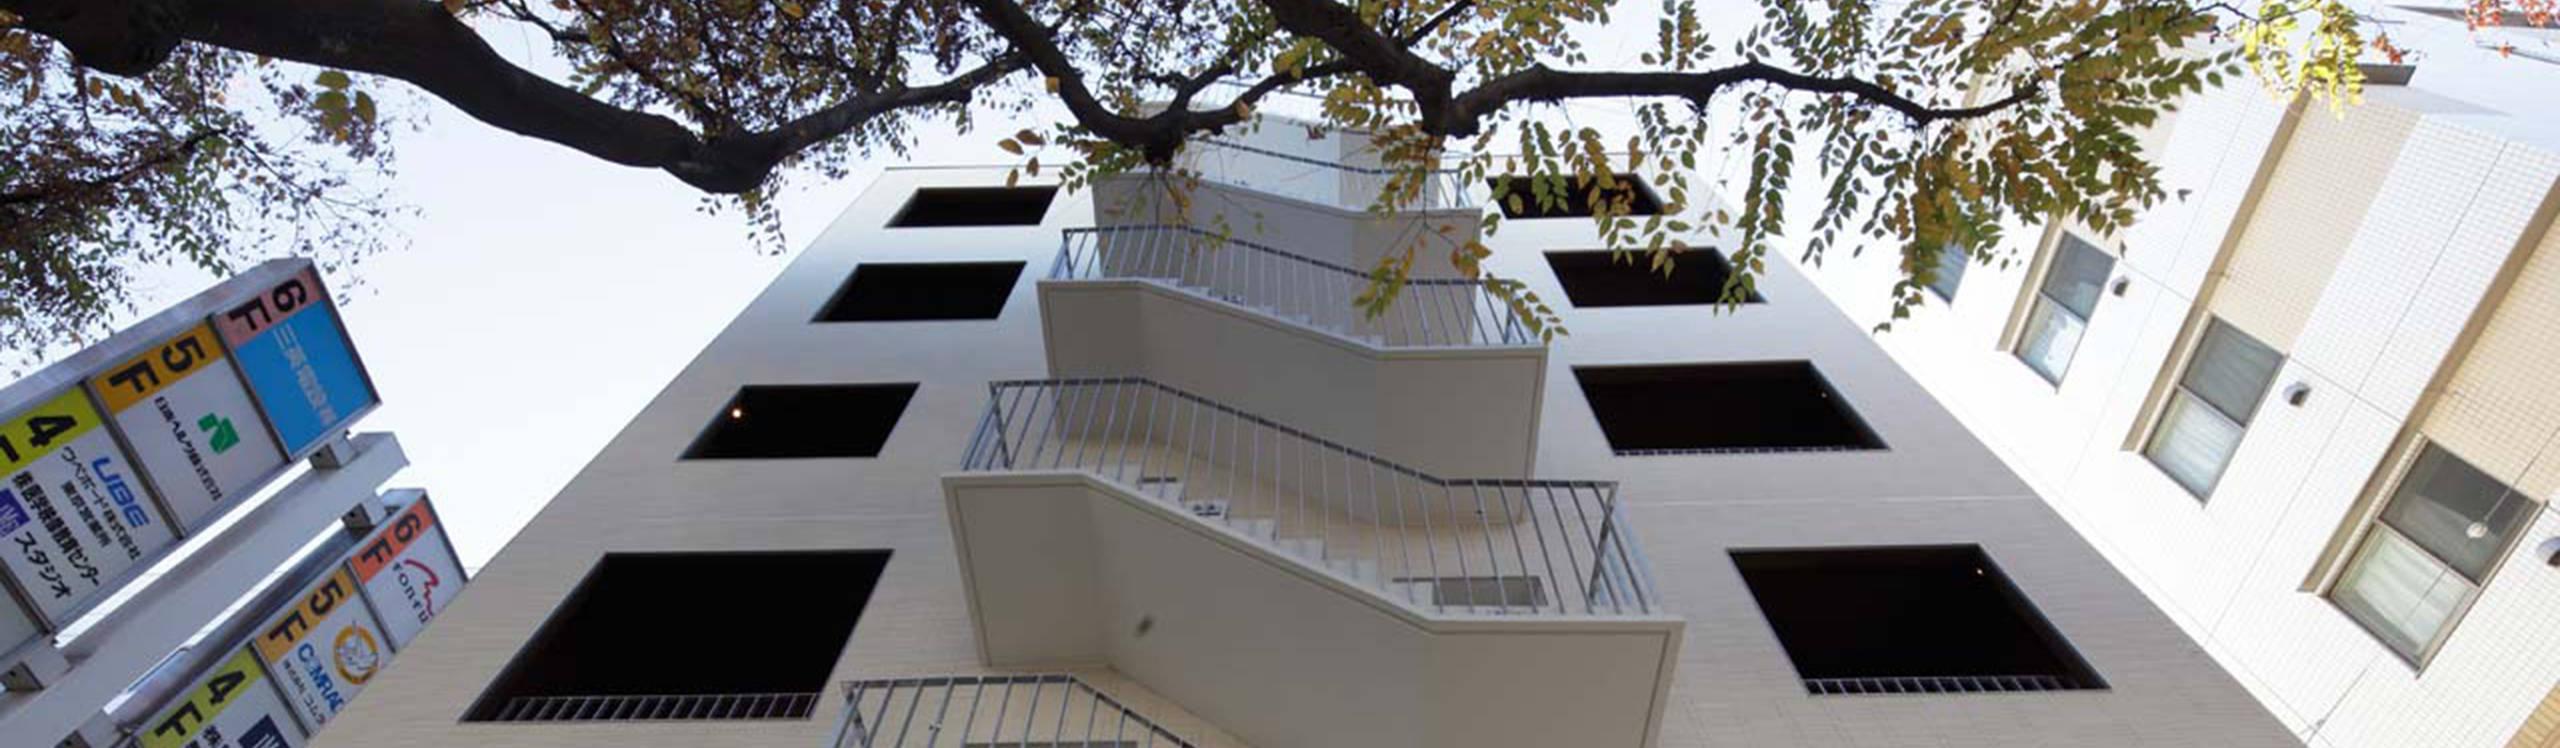 トレス建築事務所